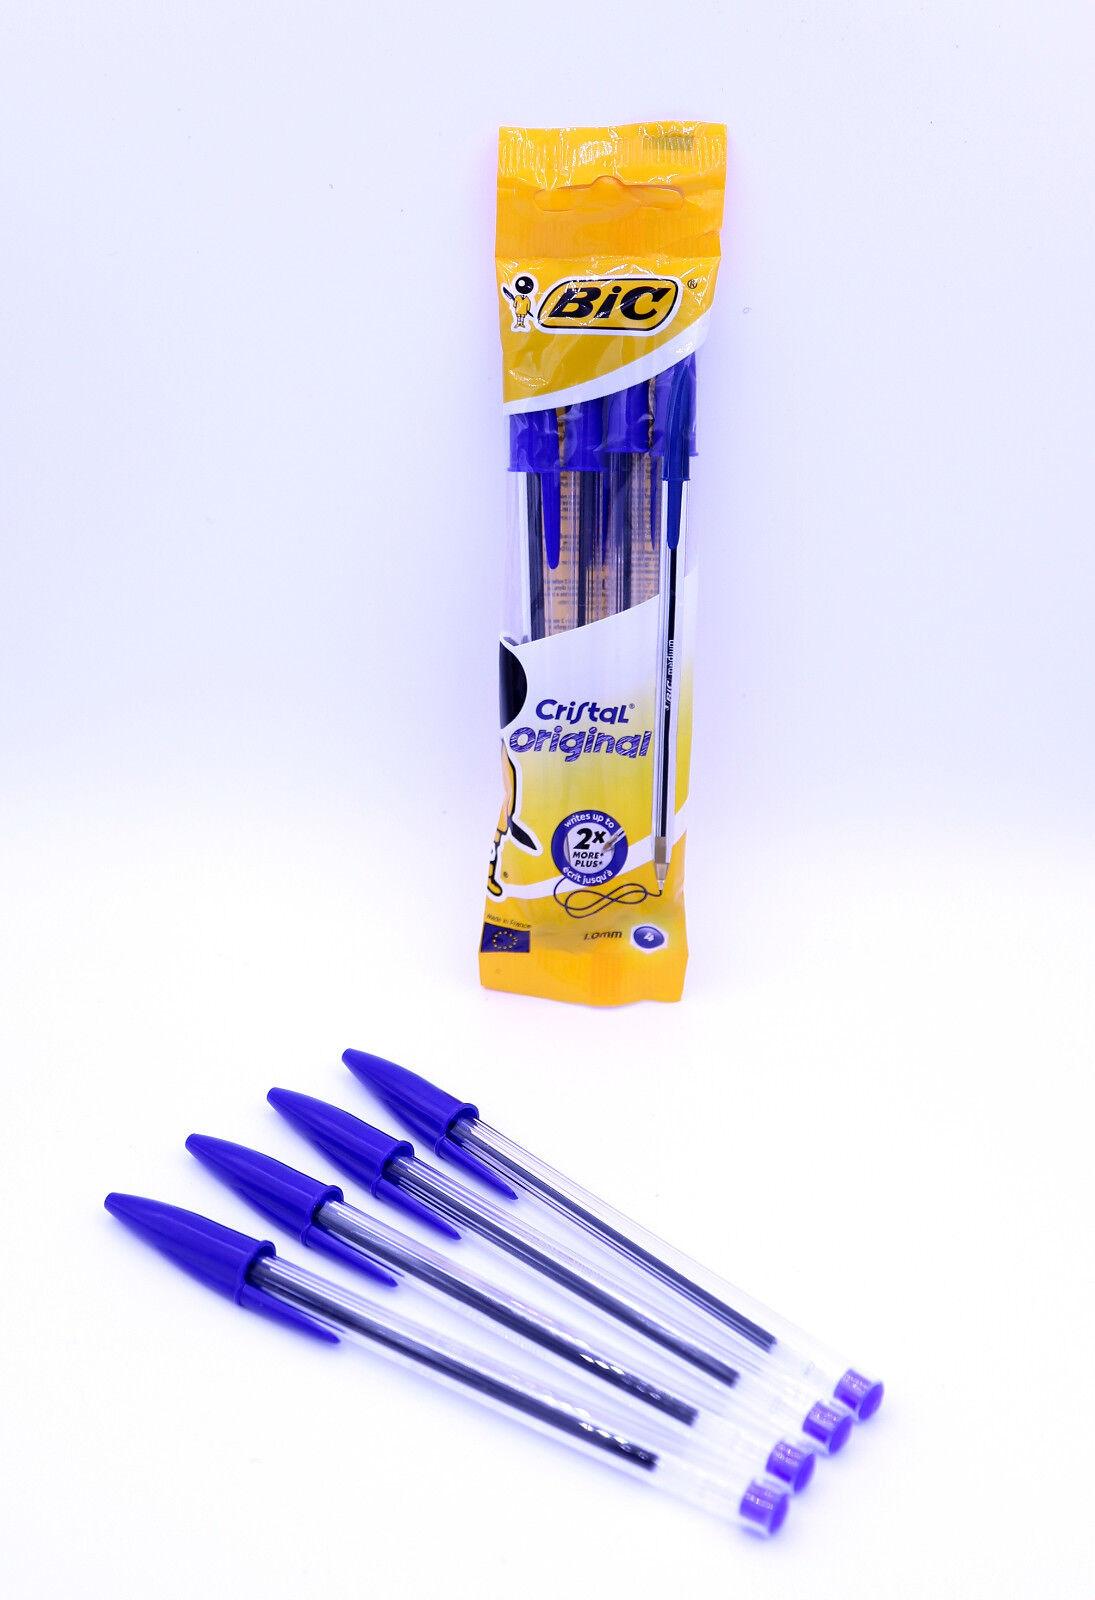 BIC Cristal Original Kugelschreiber Kulli Neu!4er Pack Blau